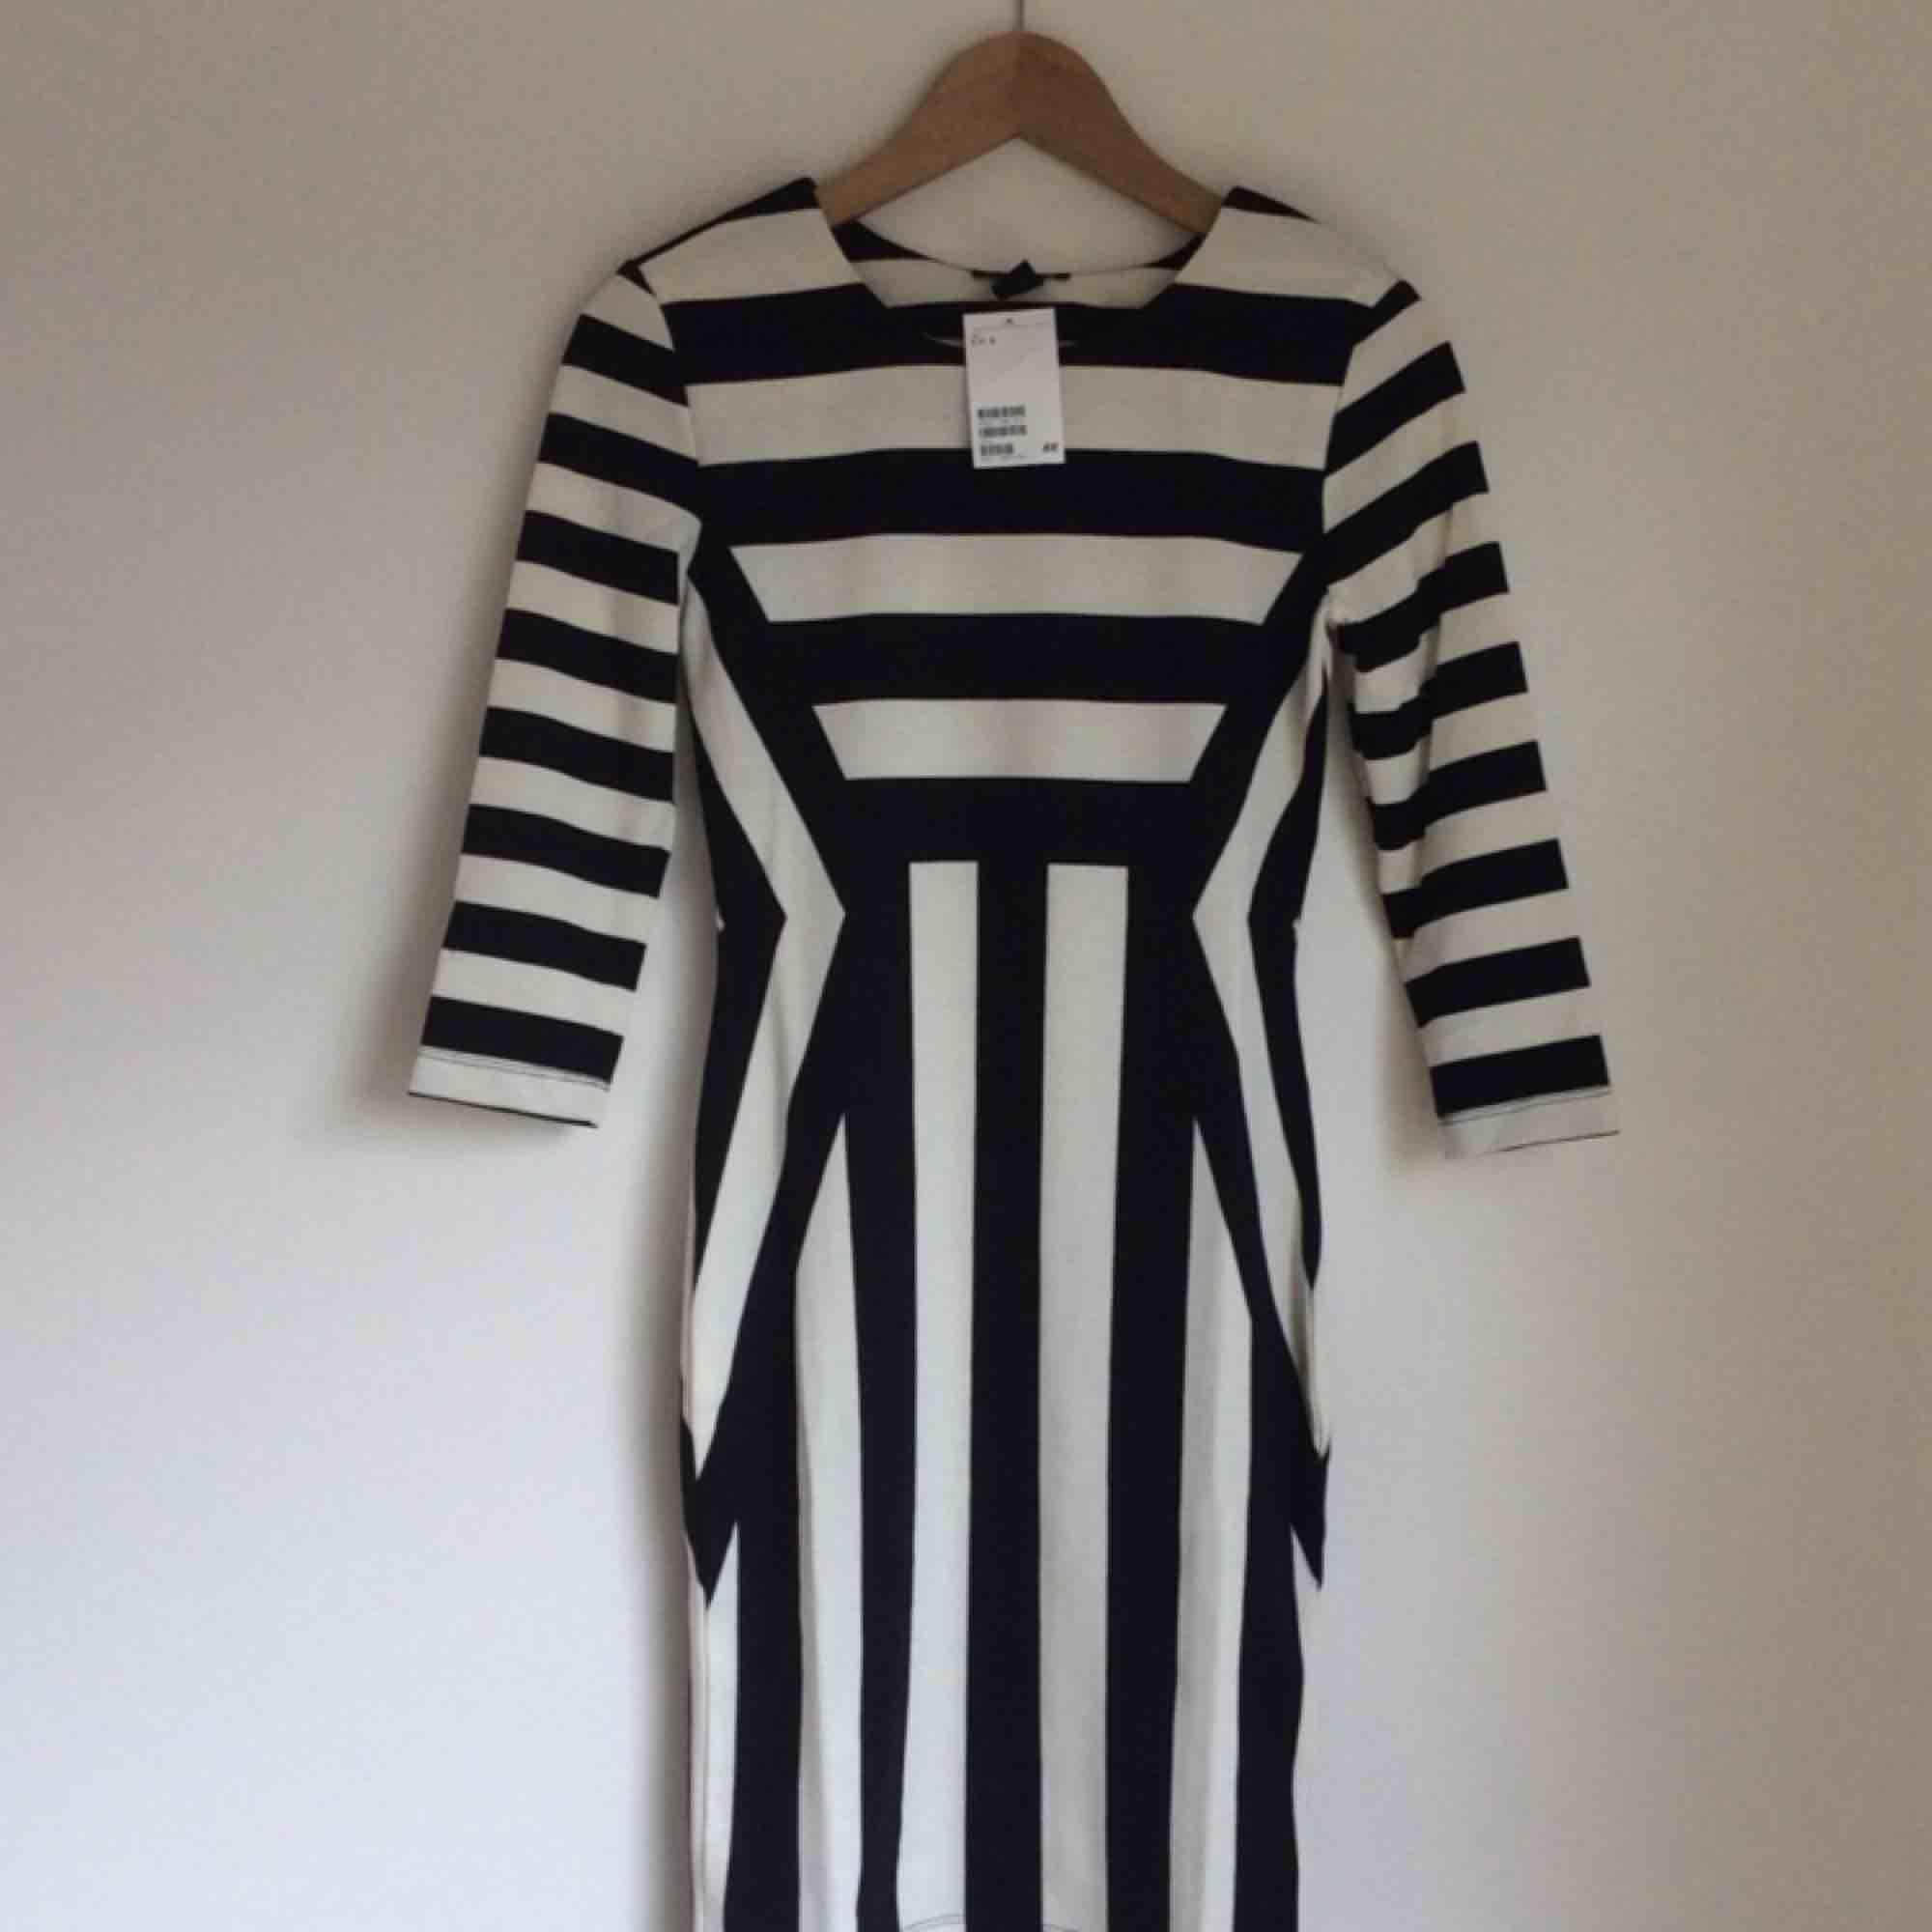 3dbf71429890 Storlek Small Svart vit randig klänning festklänning från H&M. Helt ny med lappen  kvar.